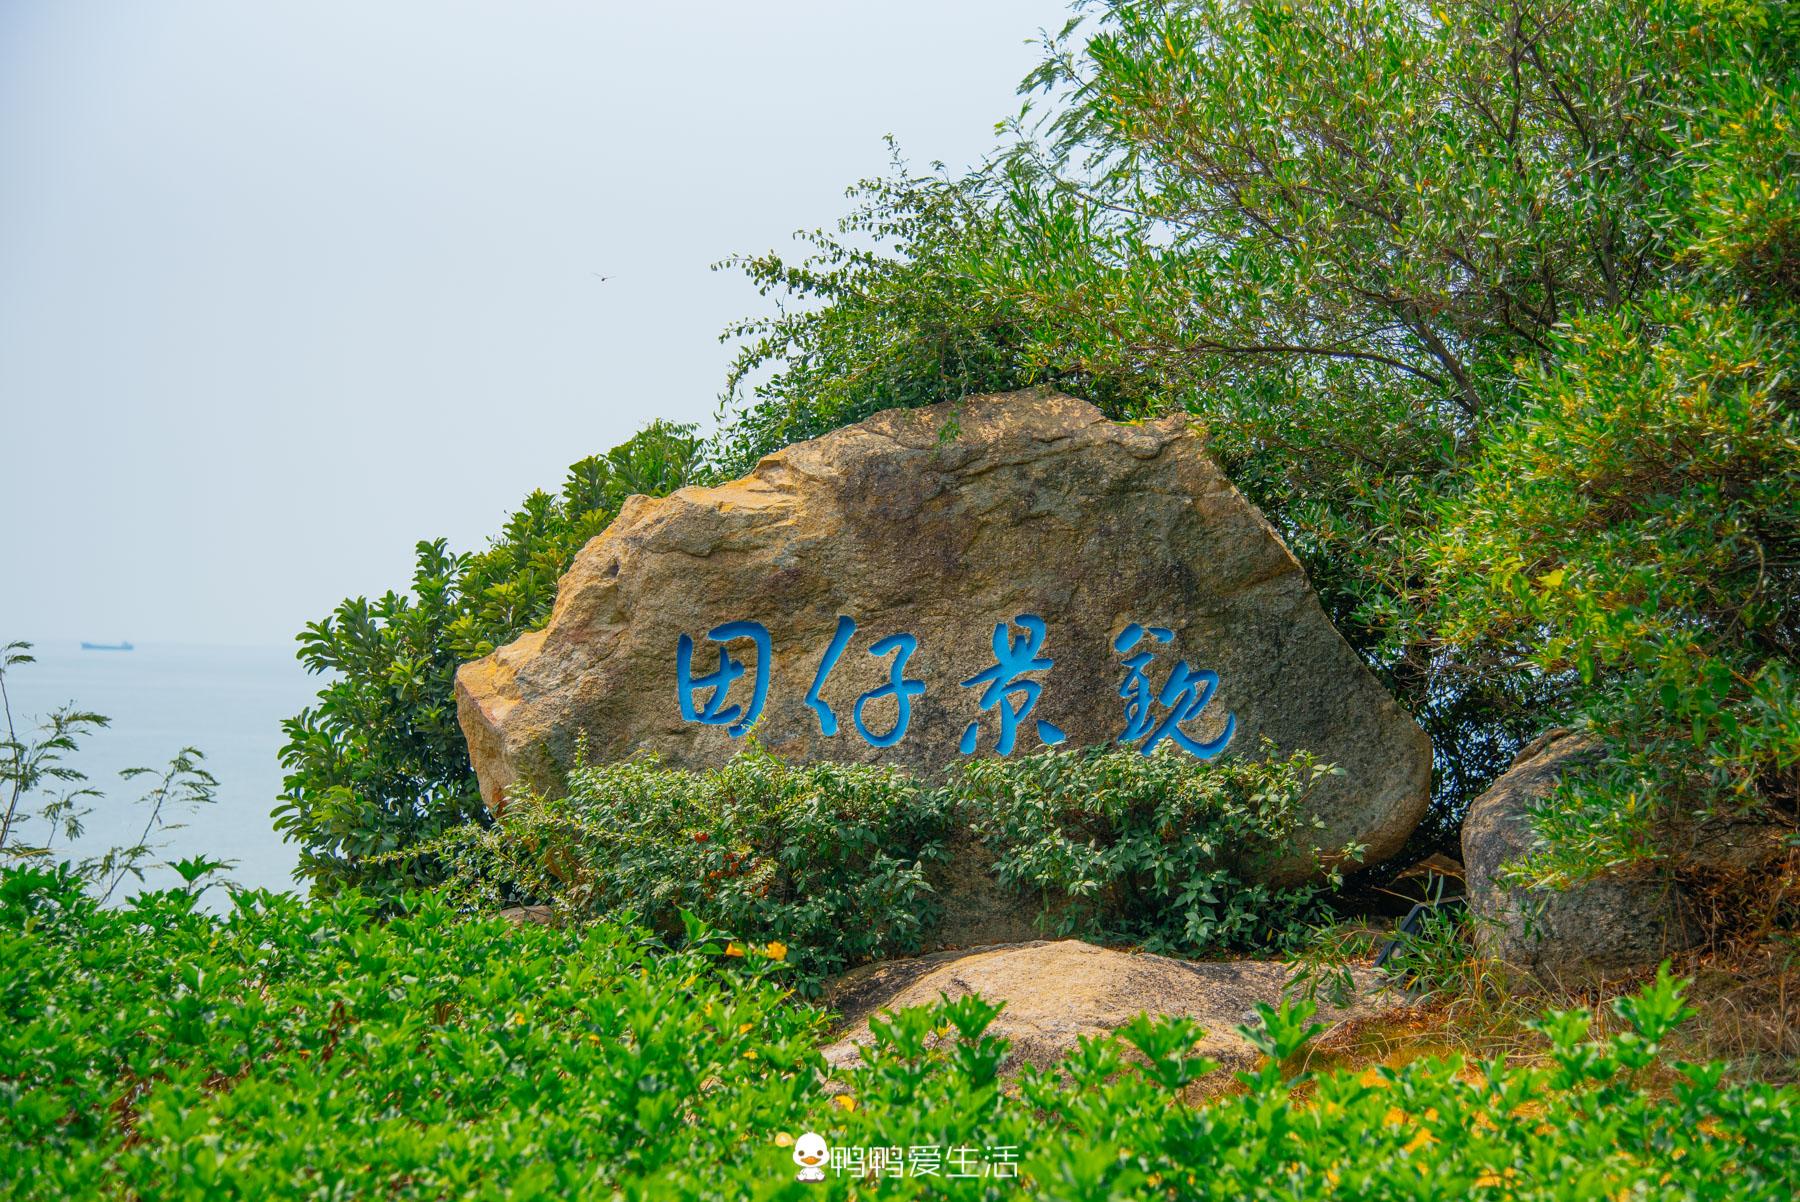 原创             广东唯一海岛县,过桥费96元,杂鱼煲开出天价,游客直呼太离谱!